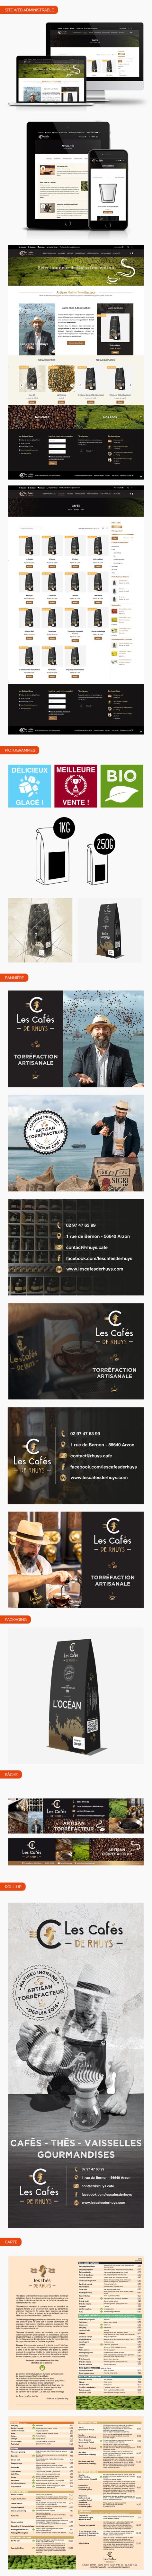 Aperçu pages site internet e-commerce Les Cafés de Rhuys.